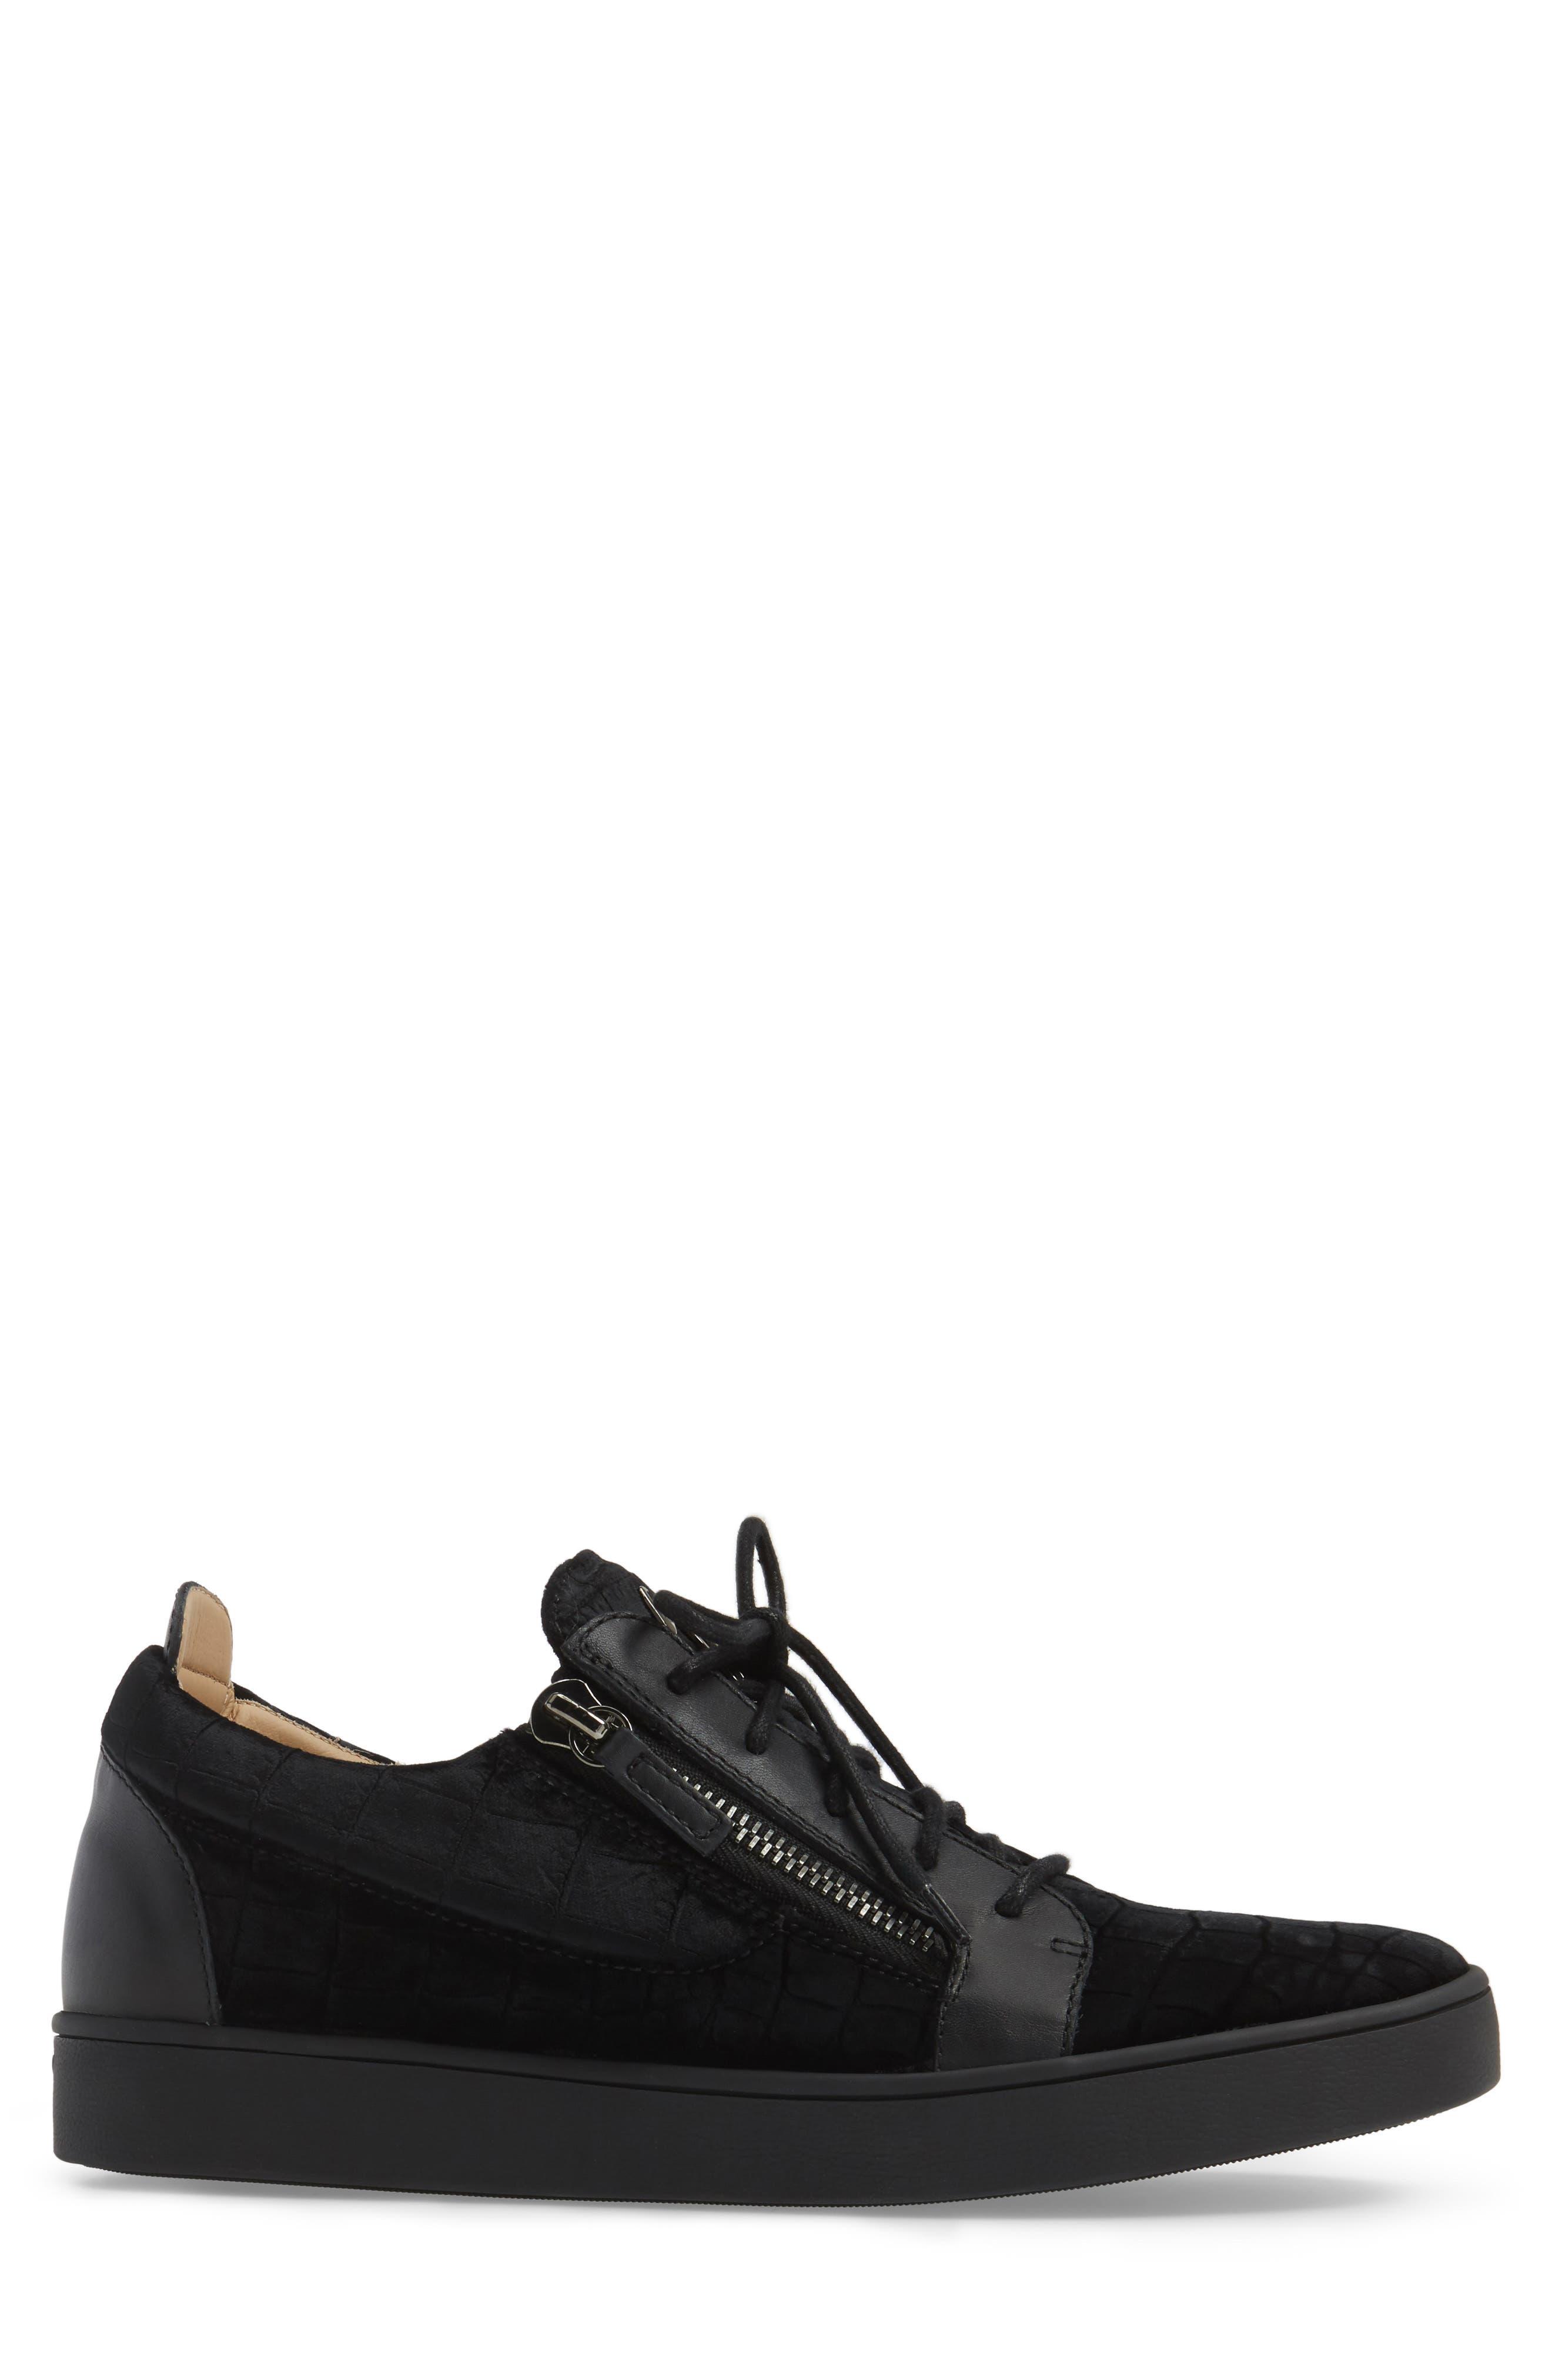 Low Top Sneaker,                             Alternate thumbnail 3, color,                             001